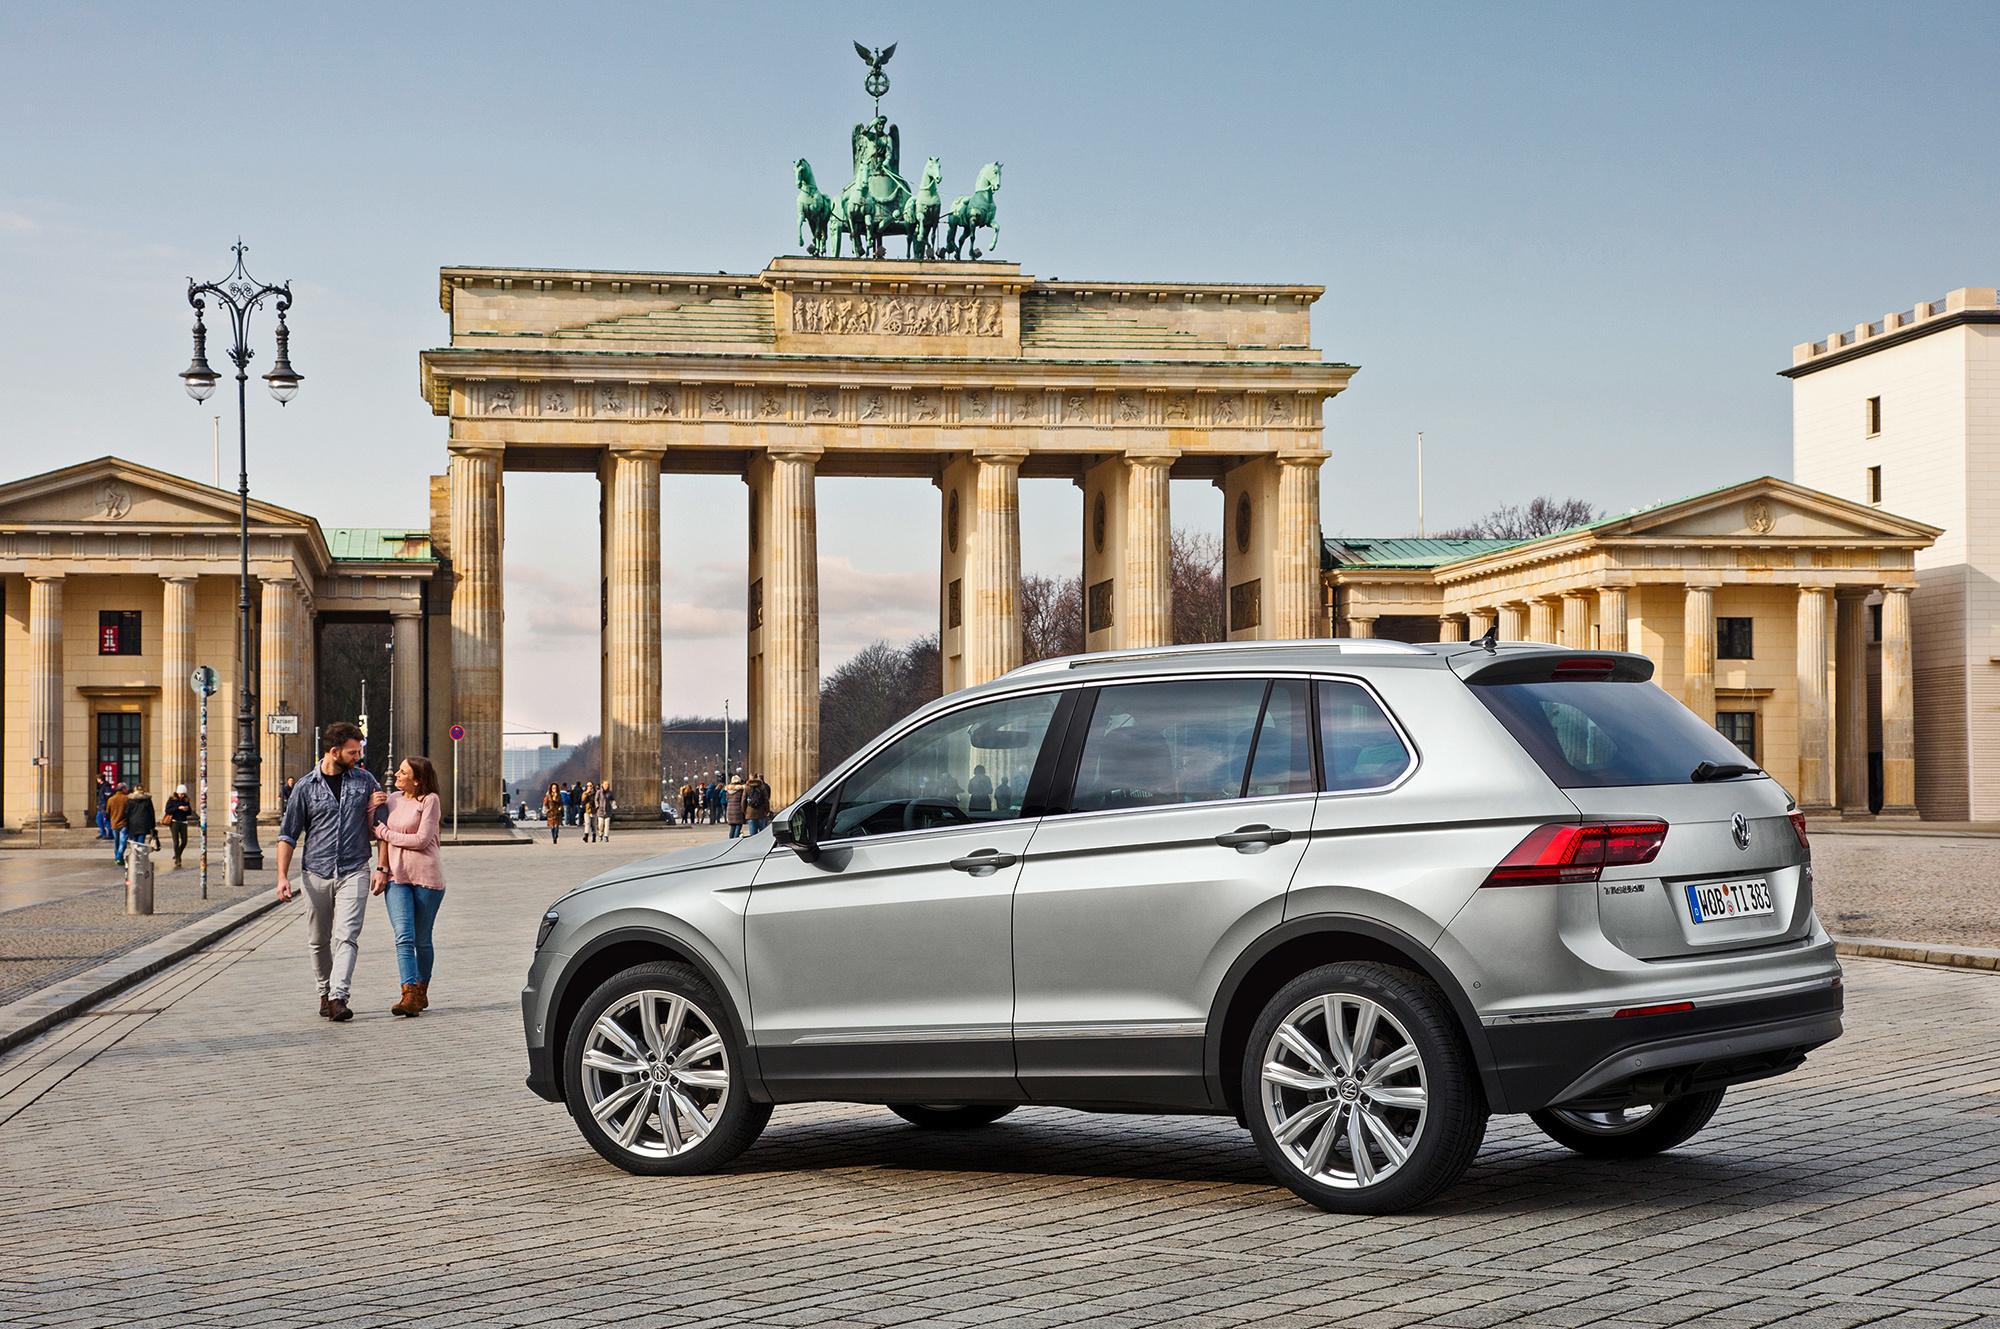 Volkswagen Tiguan Free HD Wallpapers